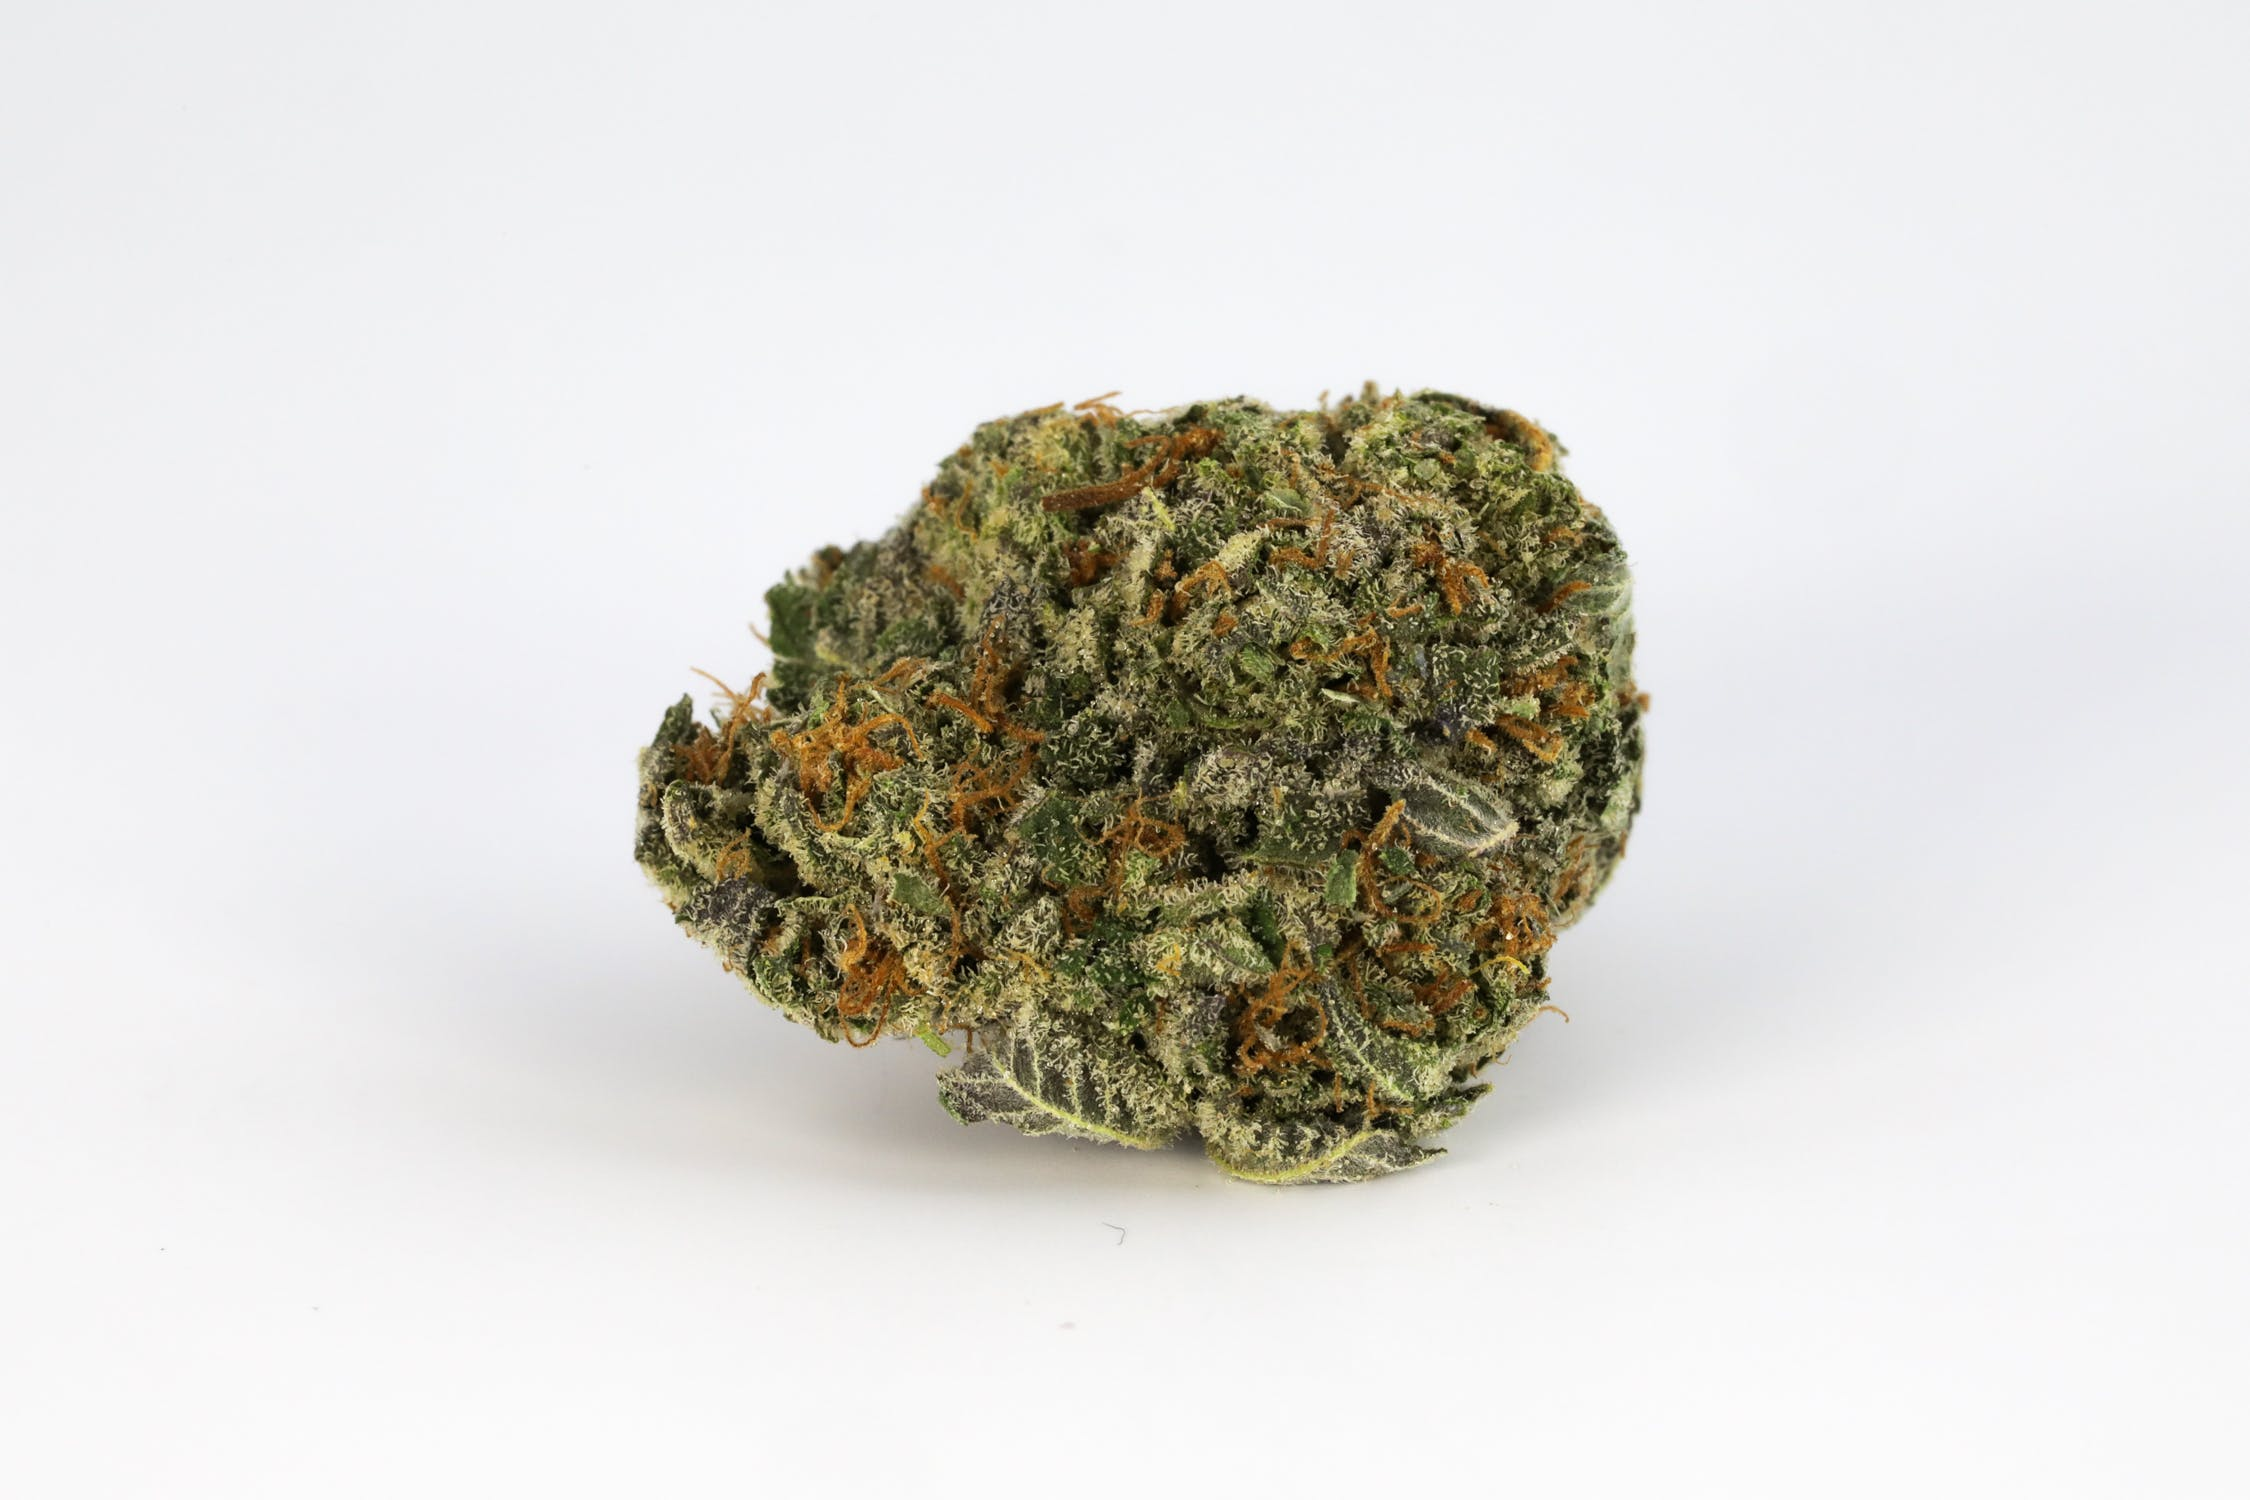 Burmese Kush Weed; Burmese Kush Cannabis Strain; Burmese Kush Hybrid Marijuana Strain